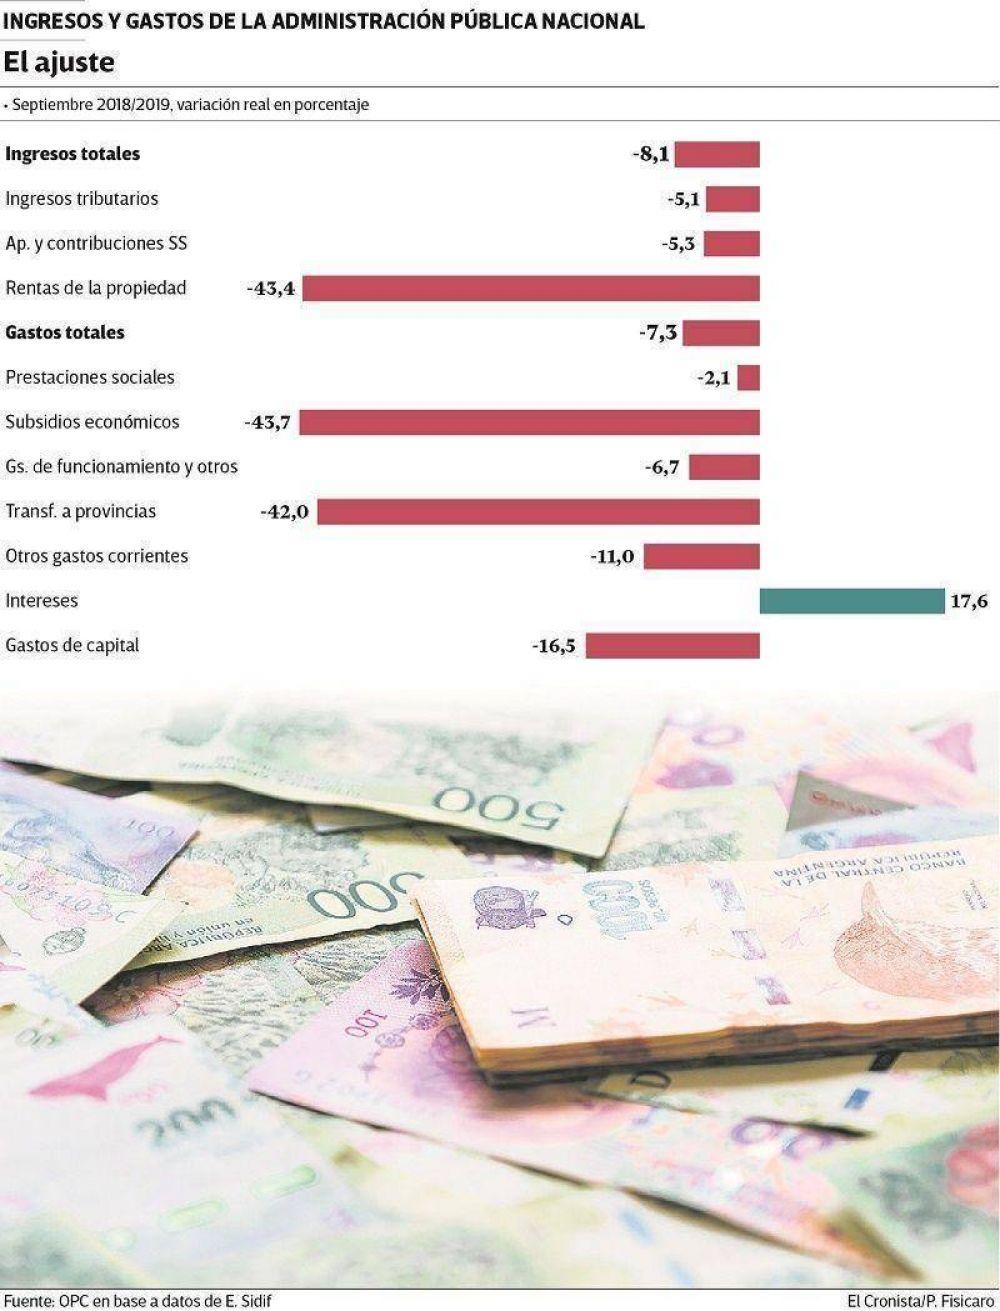 Cuentas públicas: sólo los intereses de la deuda subieron más que la inflación en septiembre